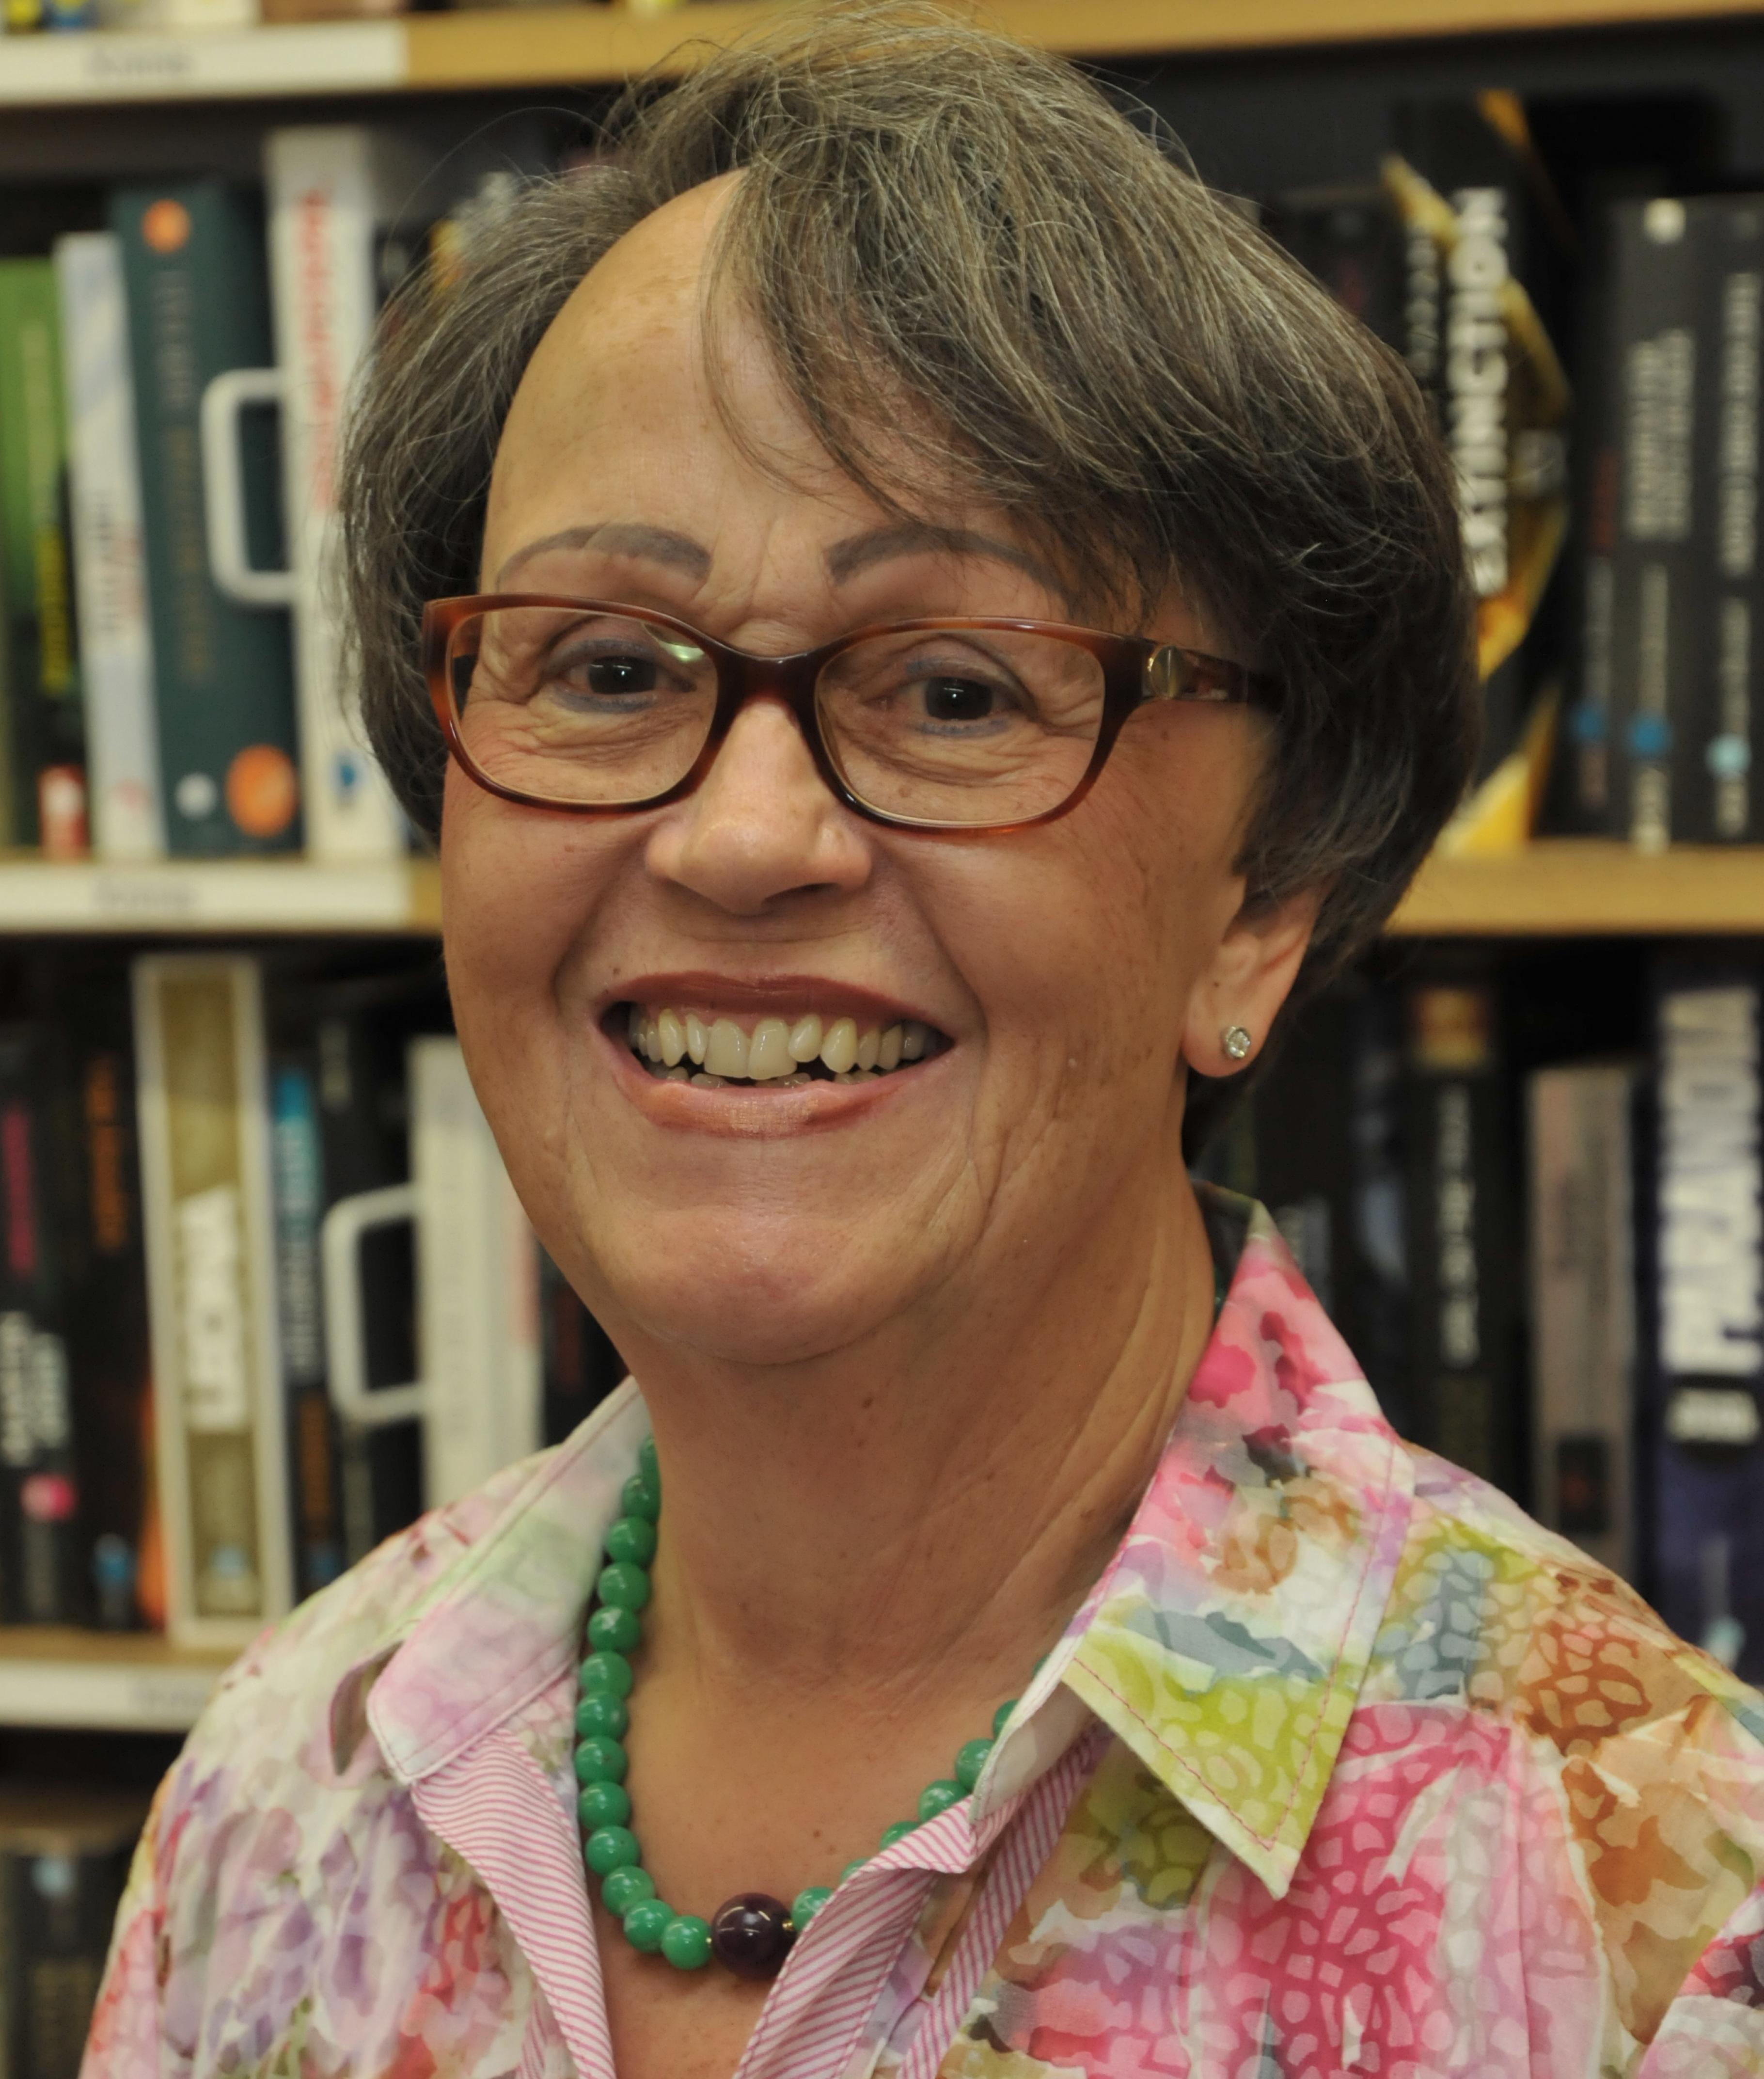 Die Ehrenamtliche Helga Lehmann engagiert sich seit 25 Jahren im Oxfam Shop Köln-Südstadt.